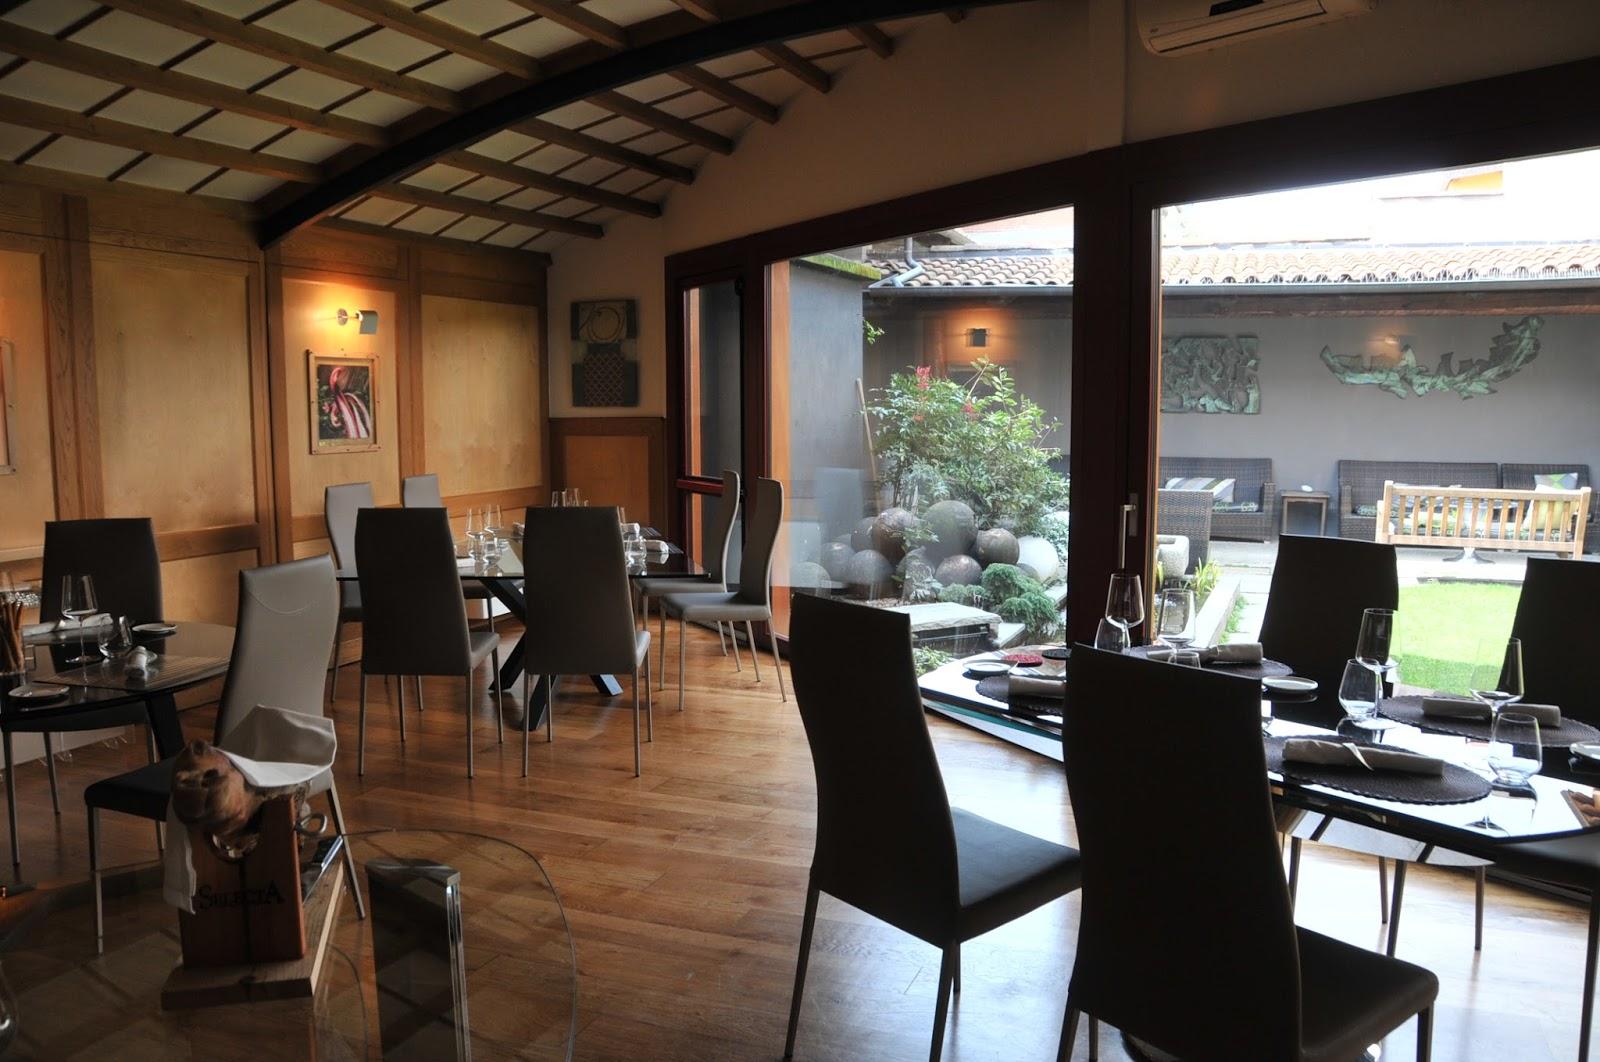 Ristorante La Credenza Orbassano : Armadillo bar vino cibo e musica: una credenza tante novità